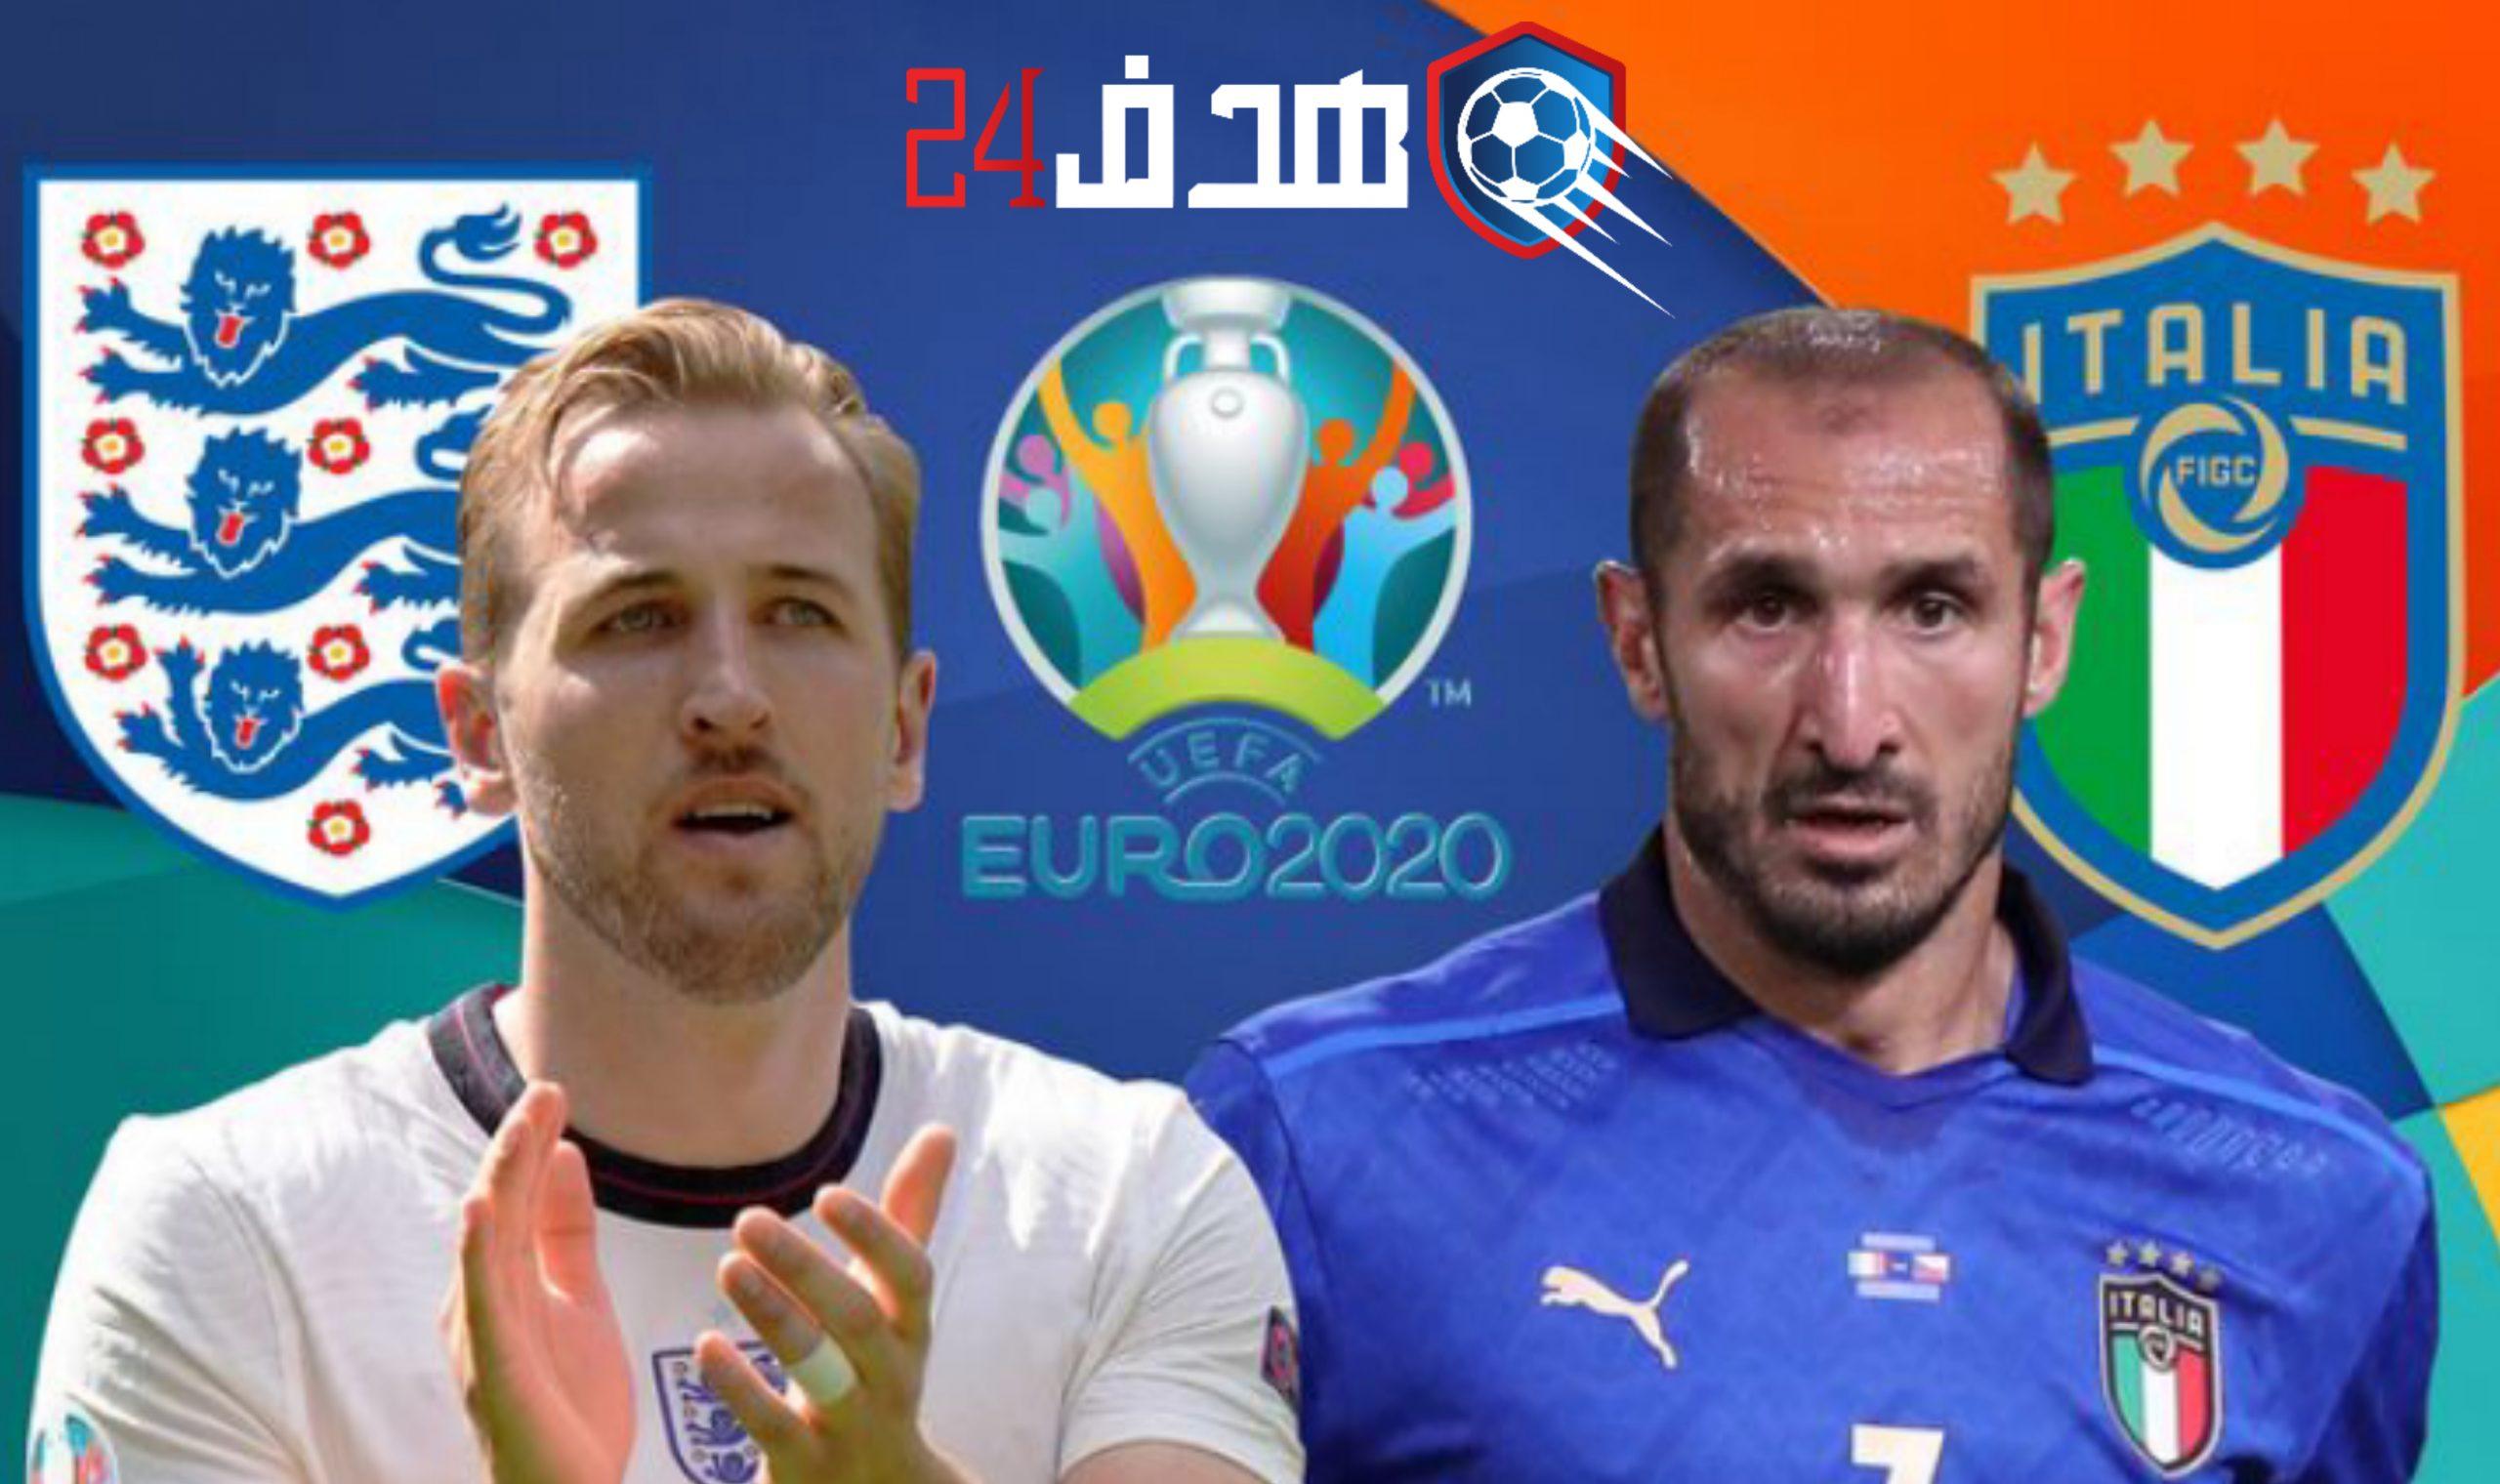 بث مباشر مباراة إيطاليا وانجلترا , مباراة انجلترا وإيطاليا، مشاهدة إيطاليا وانجلترا، مشاهدة انجلترا وإيطاليا، إيطاليا وانجلترا مباشر, live italie angeltter, live angleterre italie, match Italie vs angleterre, regarder Italie - angleterre, angletter vs italie, italy vs england